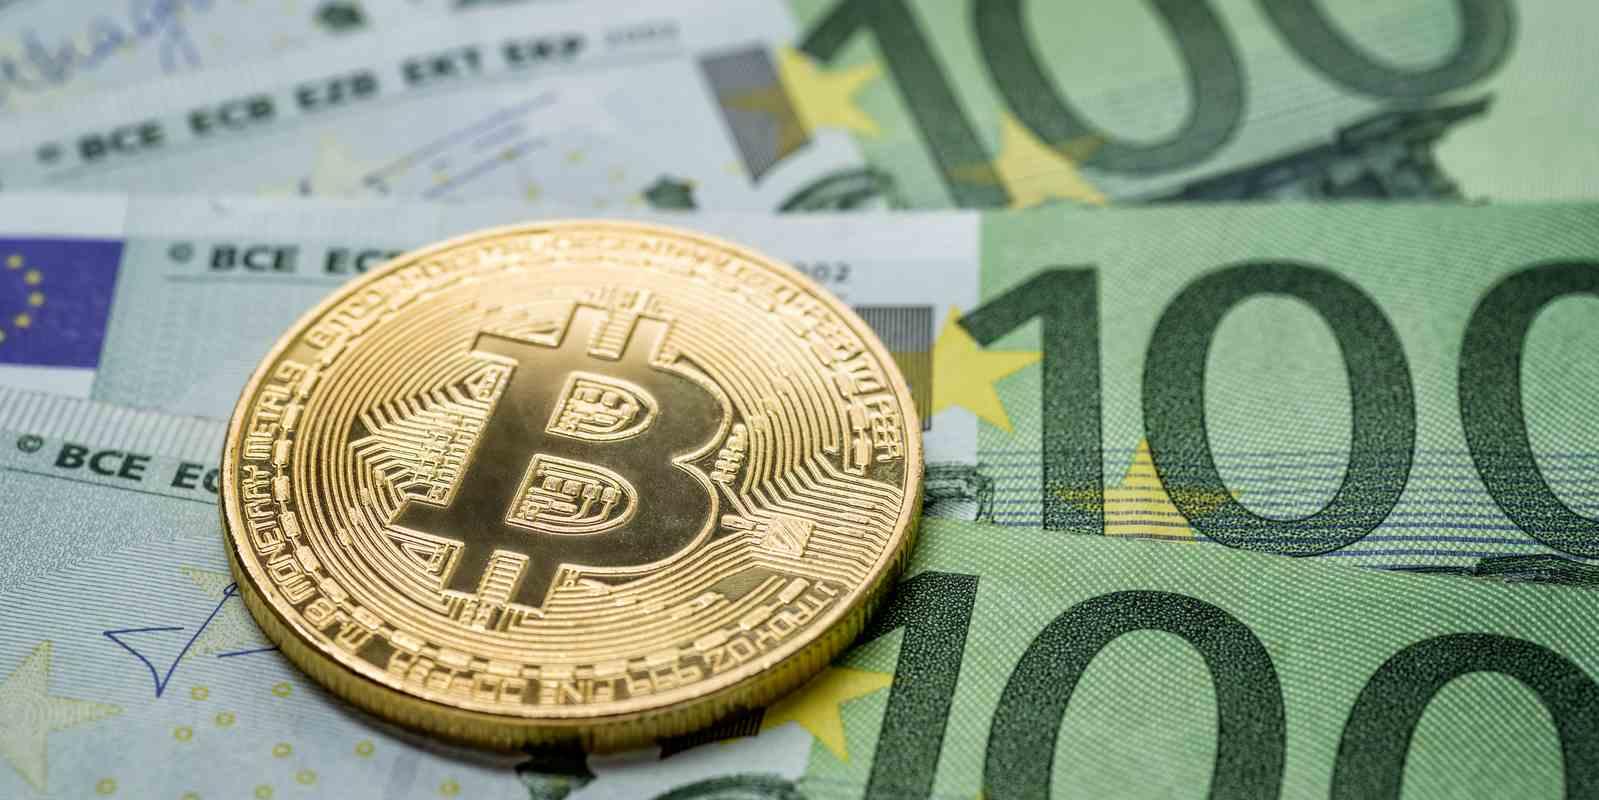 Sondage: 47% des particuliers font plus confiance au Bitcoin qu'aux banques